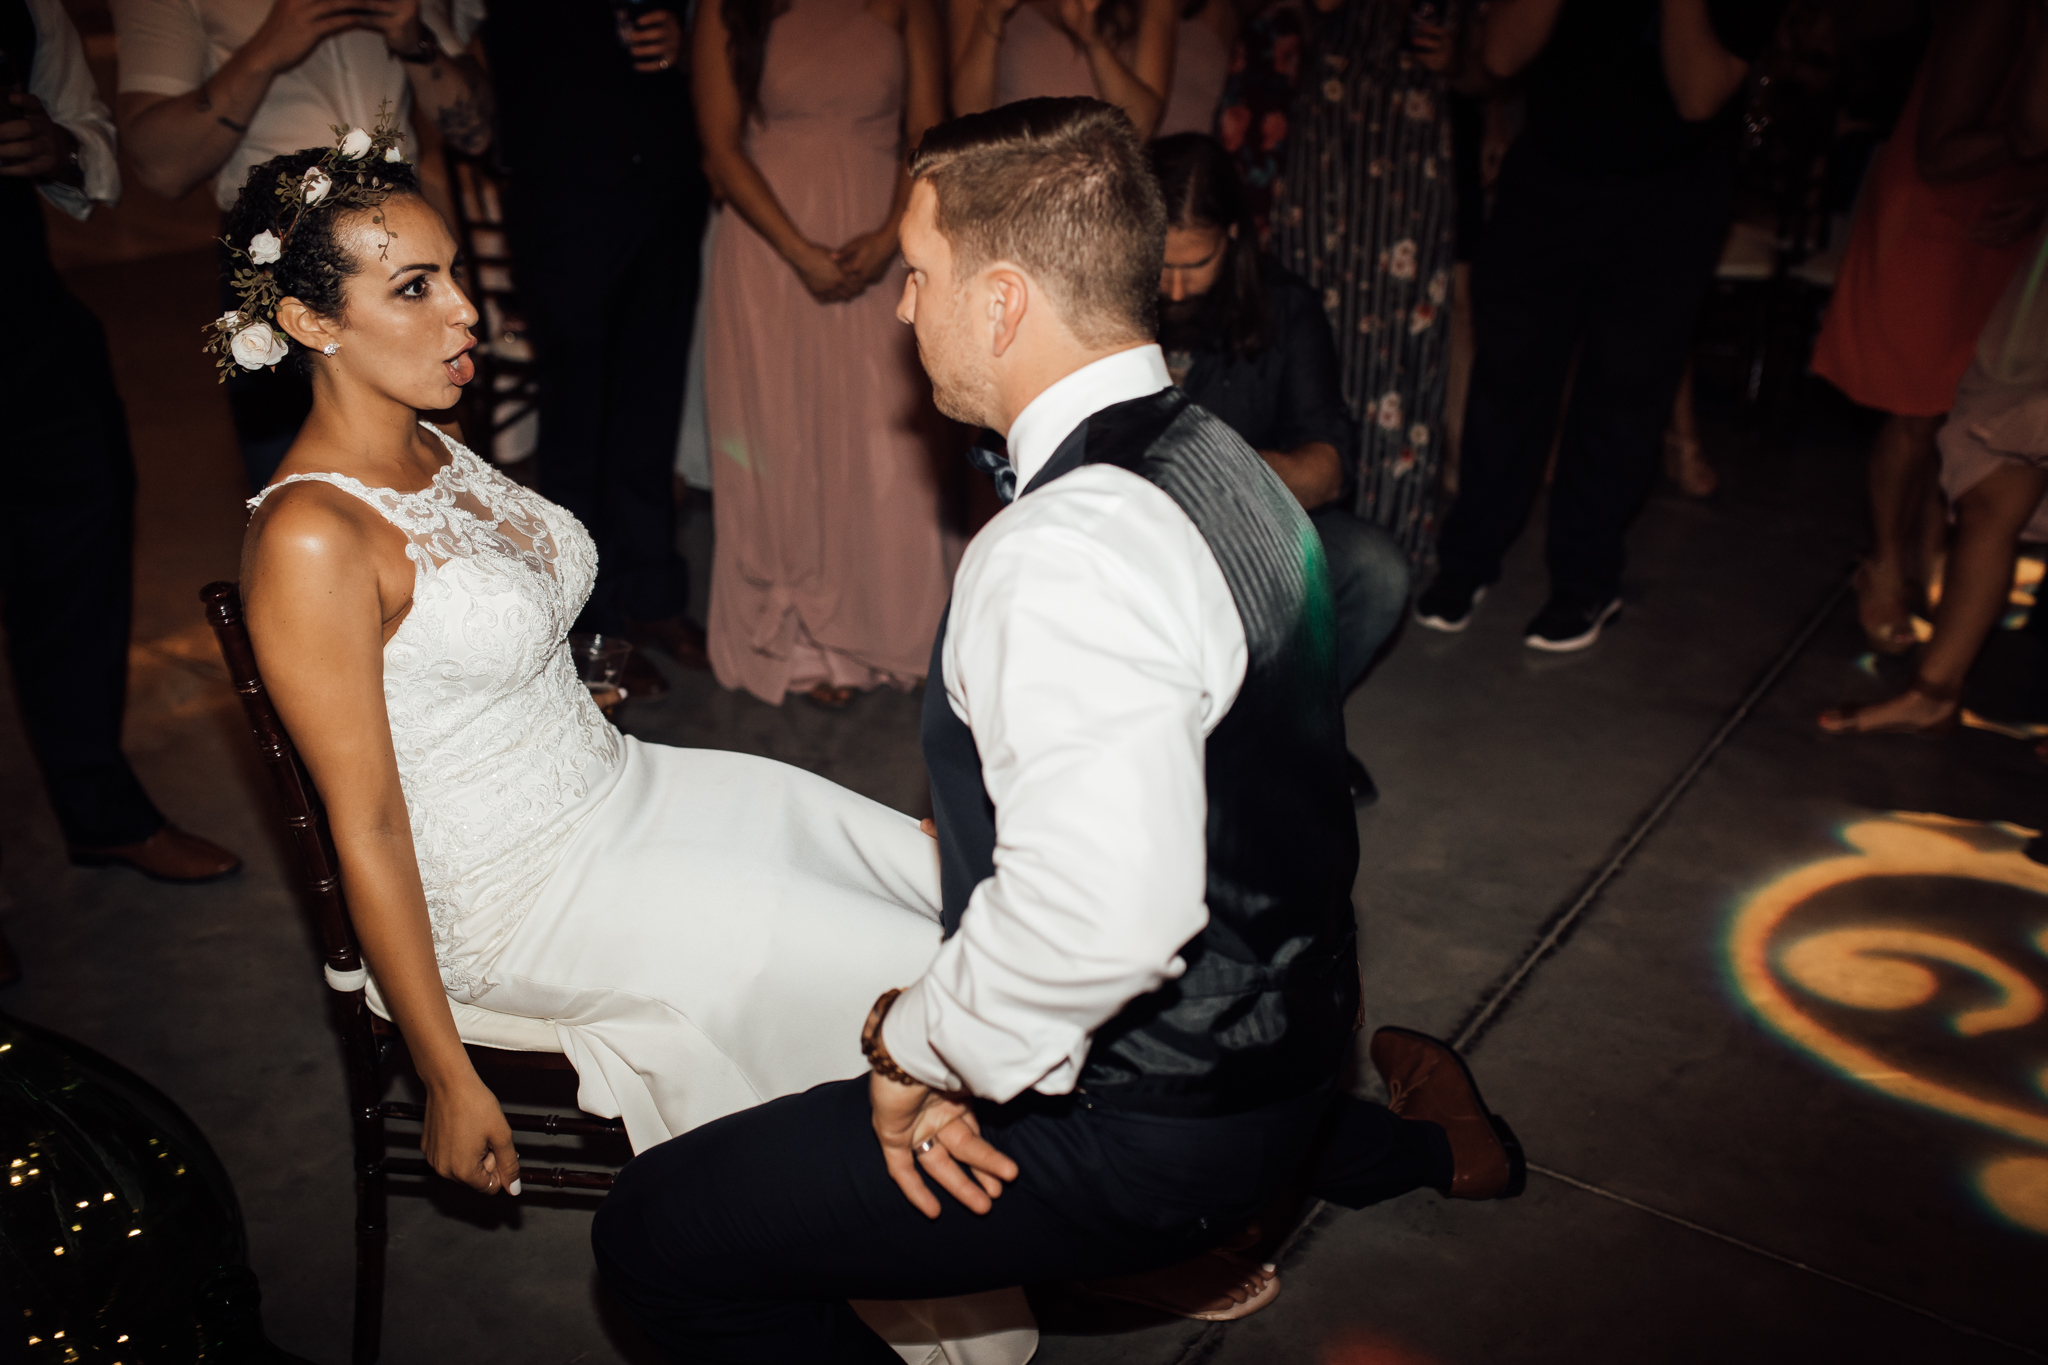 saddlewoodsfarms-nashville-wedding-photographer-thewarmtharoundyou-rustic-wedding (89 of 251).jpg